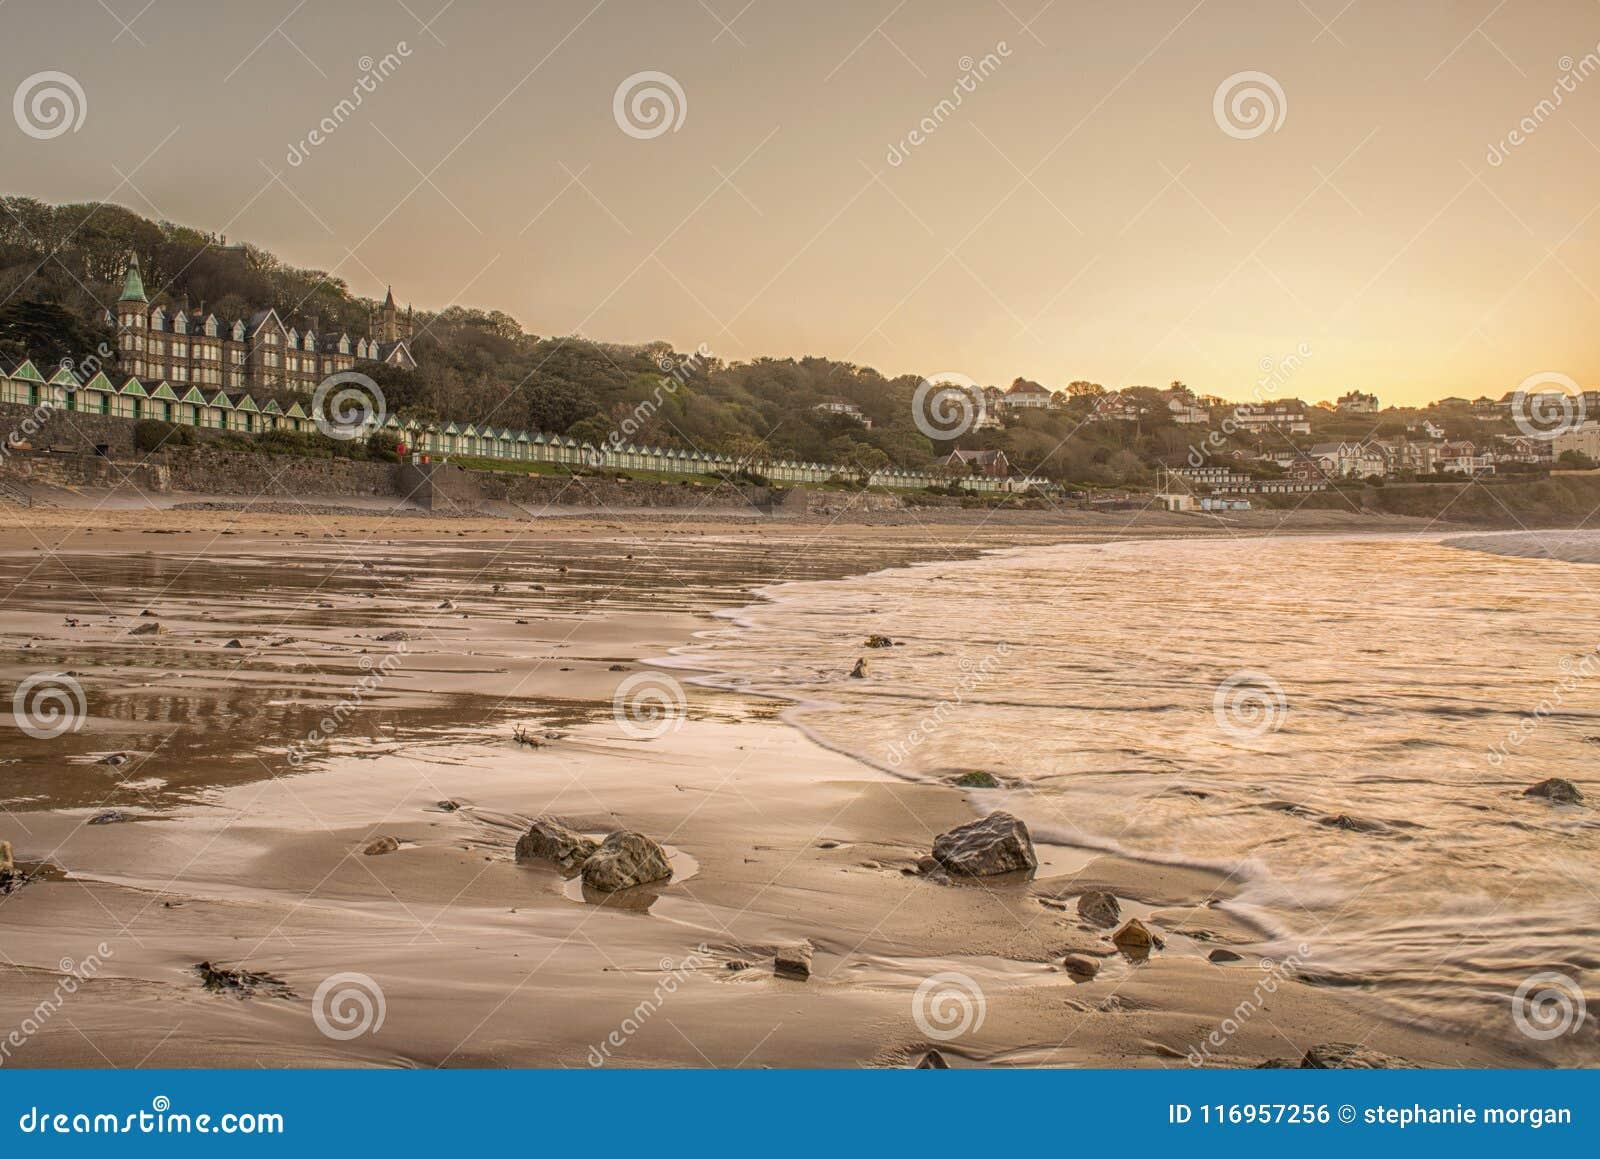 Landschapsbeeld van Langland-baai in Swansea